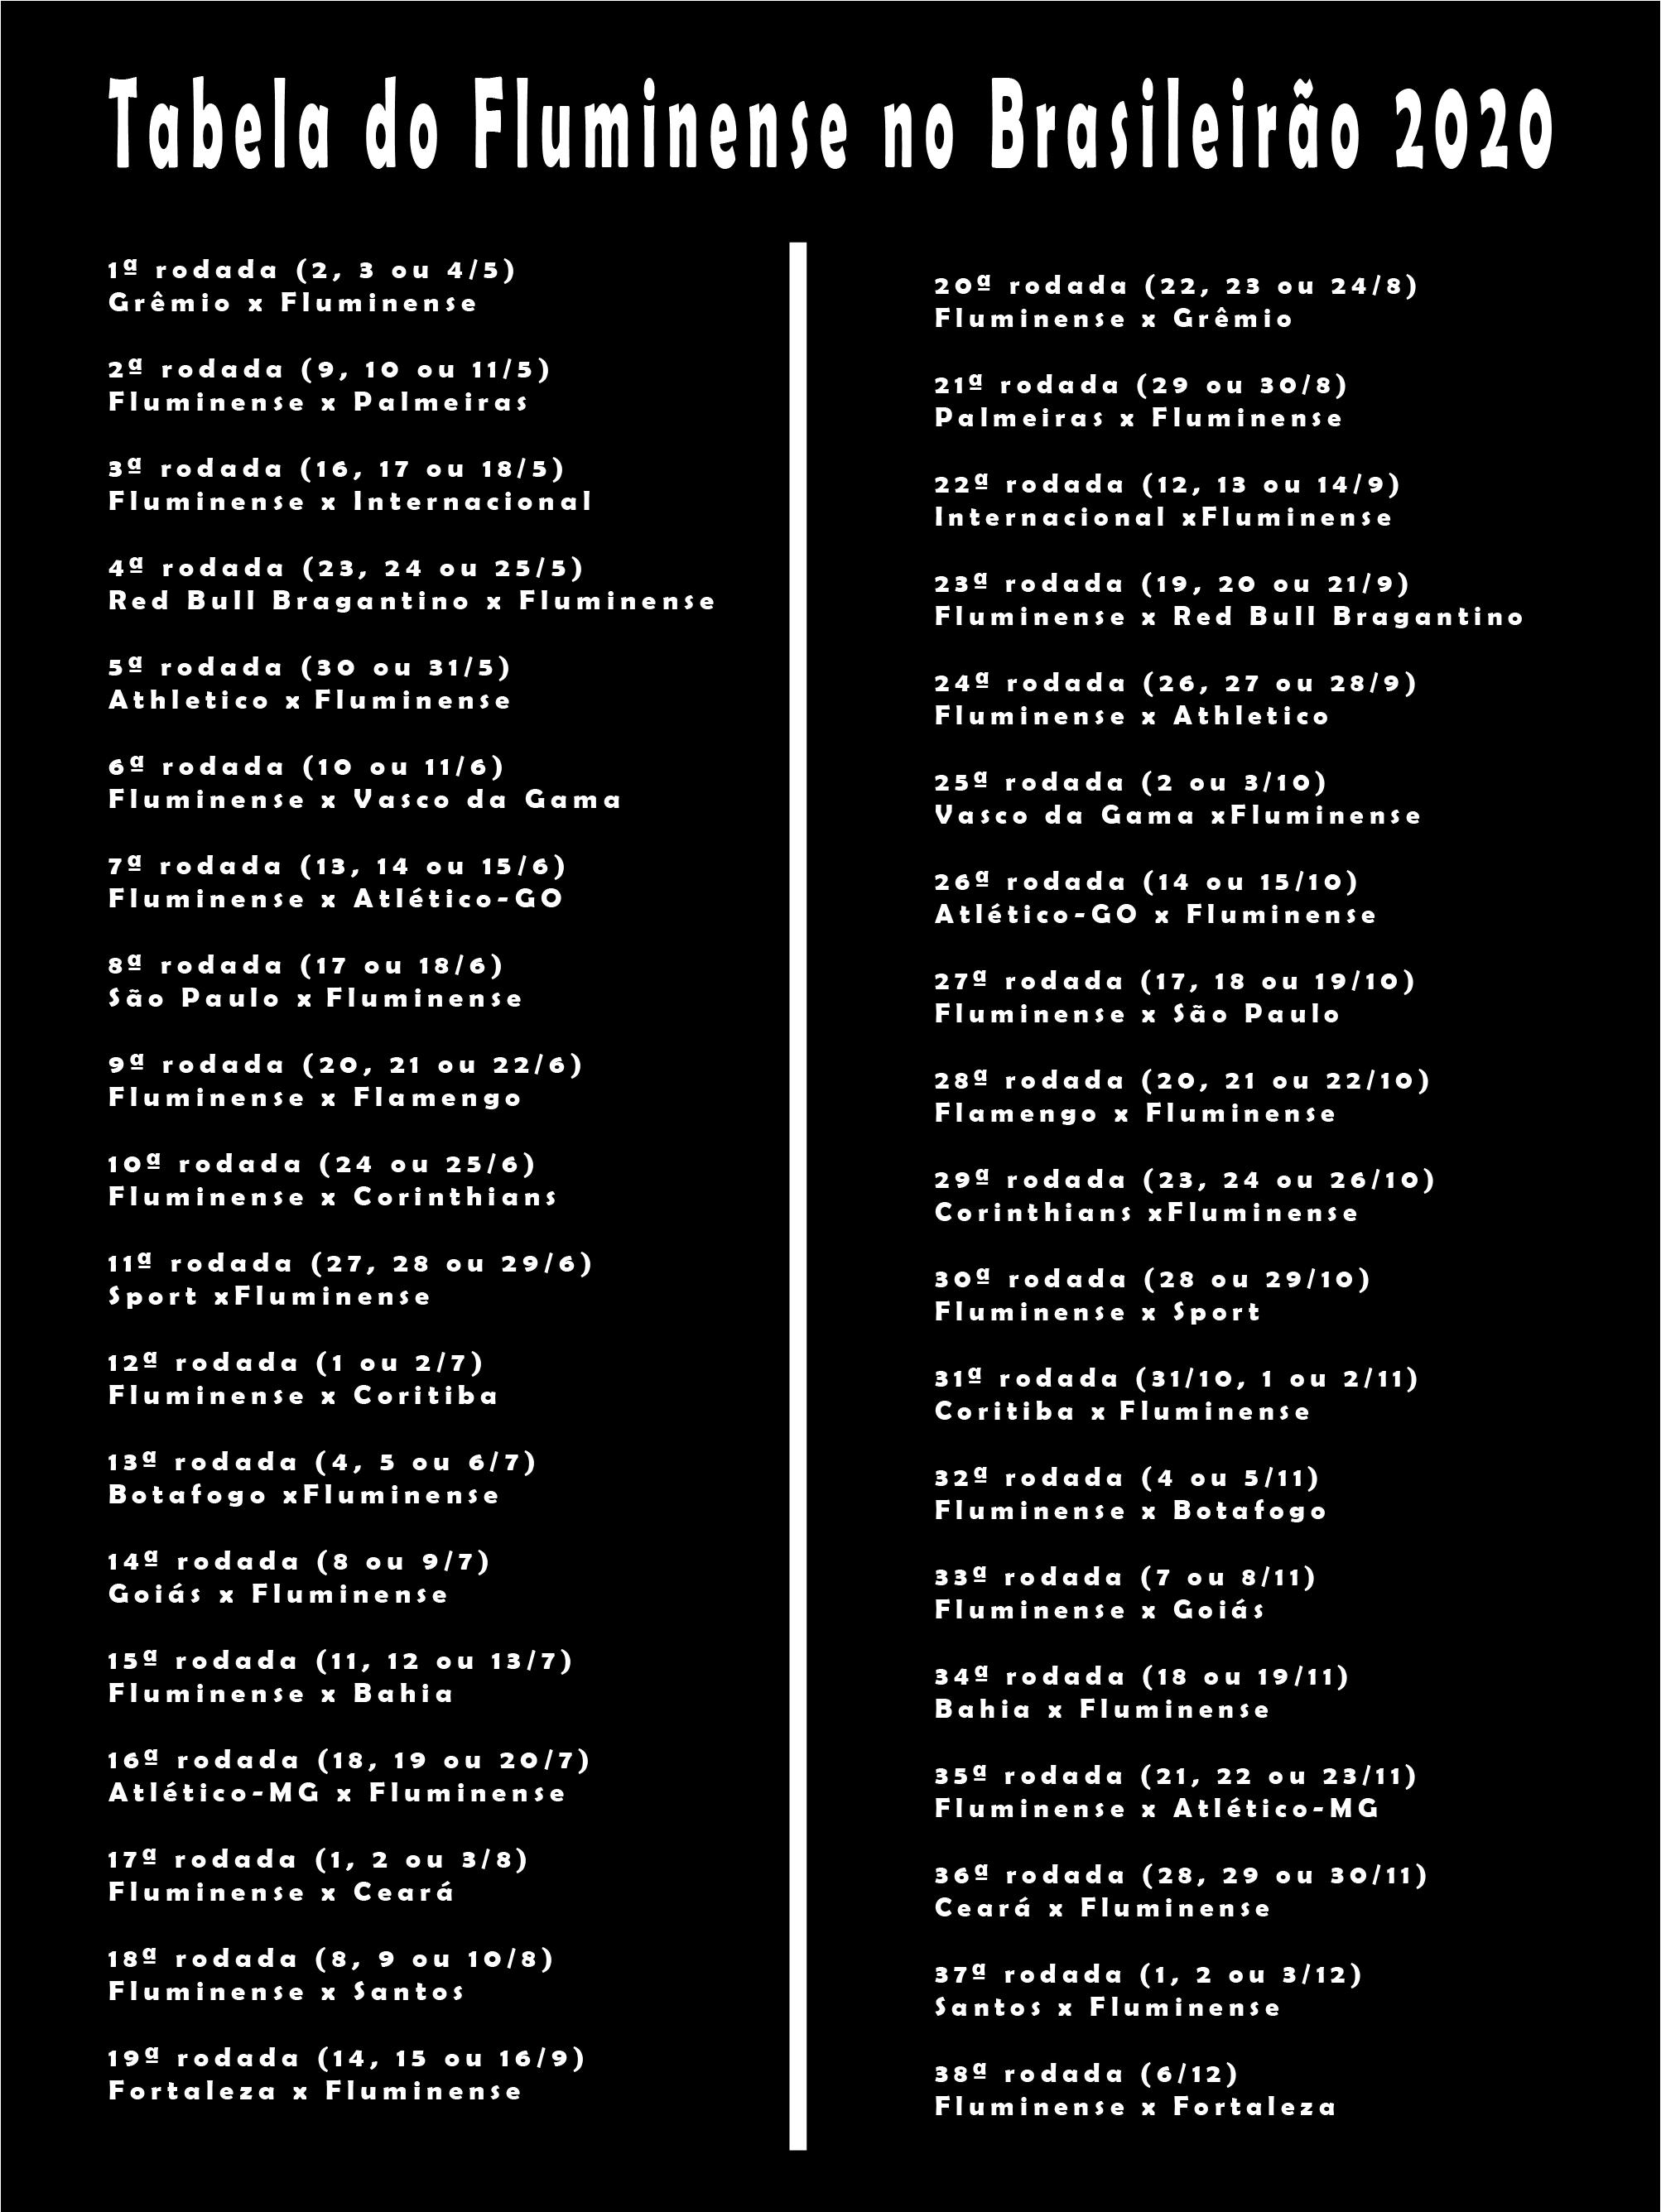 Confira A Tabela Do Fluminense No Brasileirao 2020